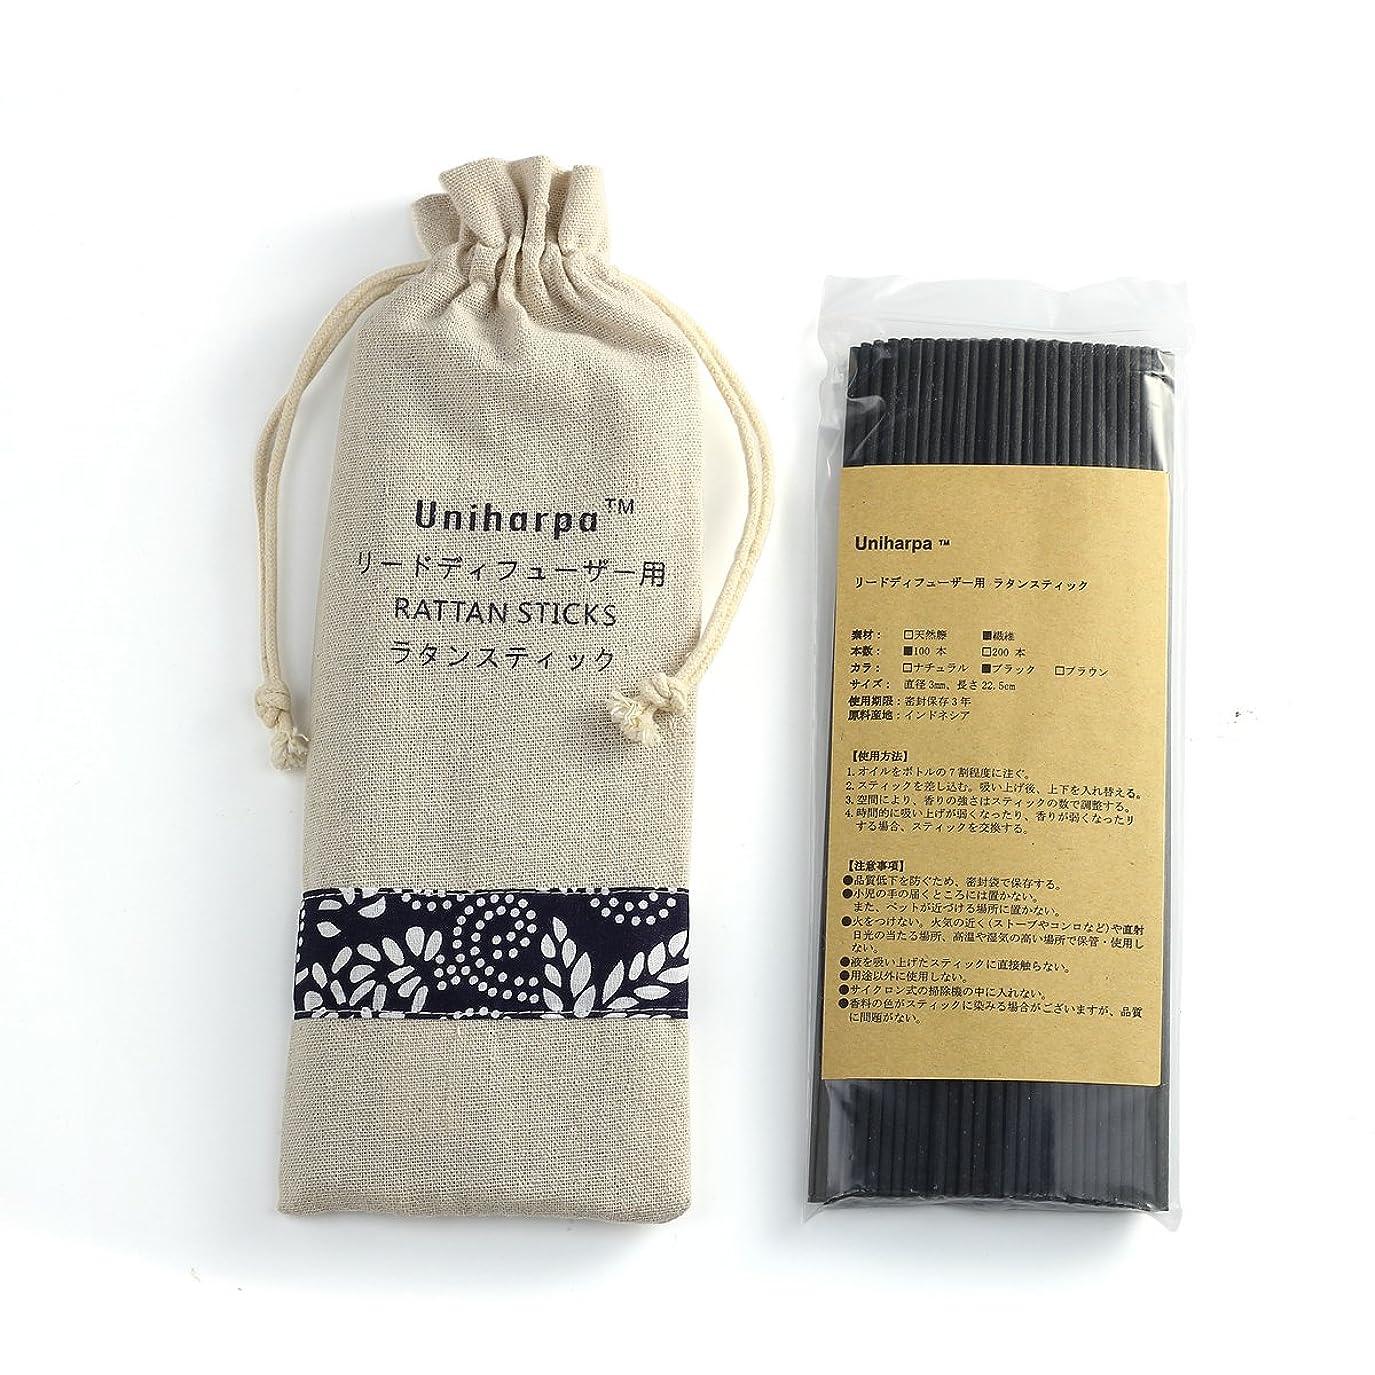 オレンジモスク調子リードディフューザー用 ラタンスティック/リードスティック リフィル 繊維素材 22.5cm 直径3mm 100本入 乾燥剤入り オリジナル旅行専用袋付 (ブラック)